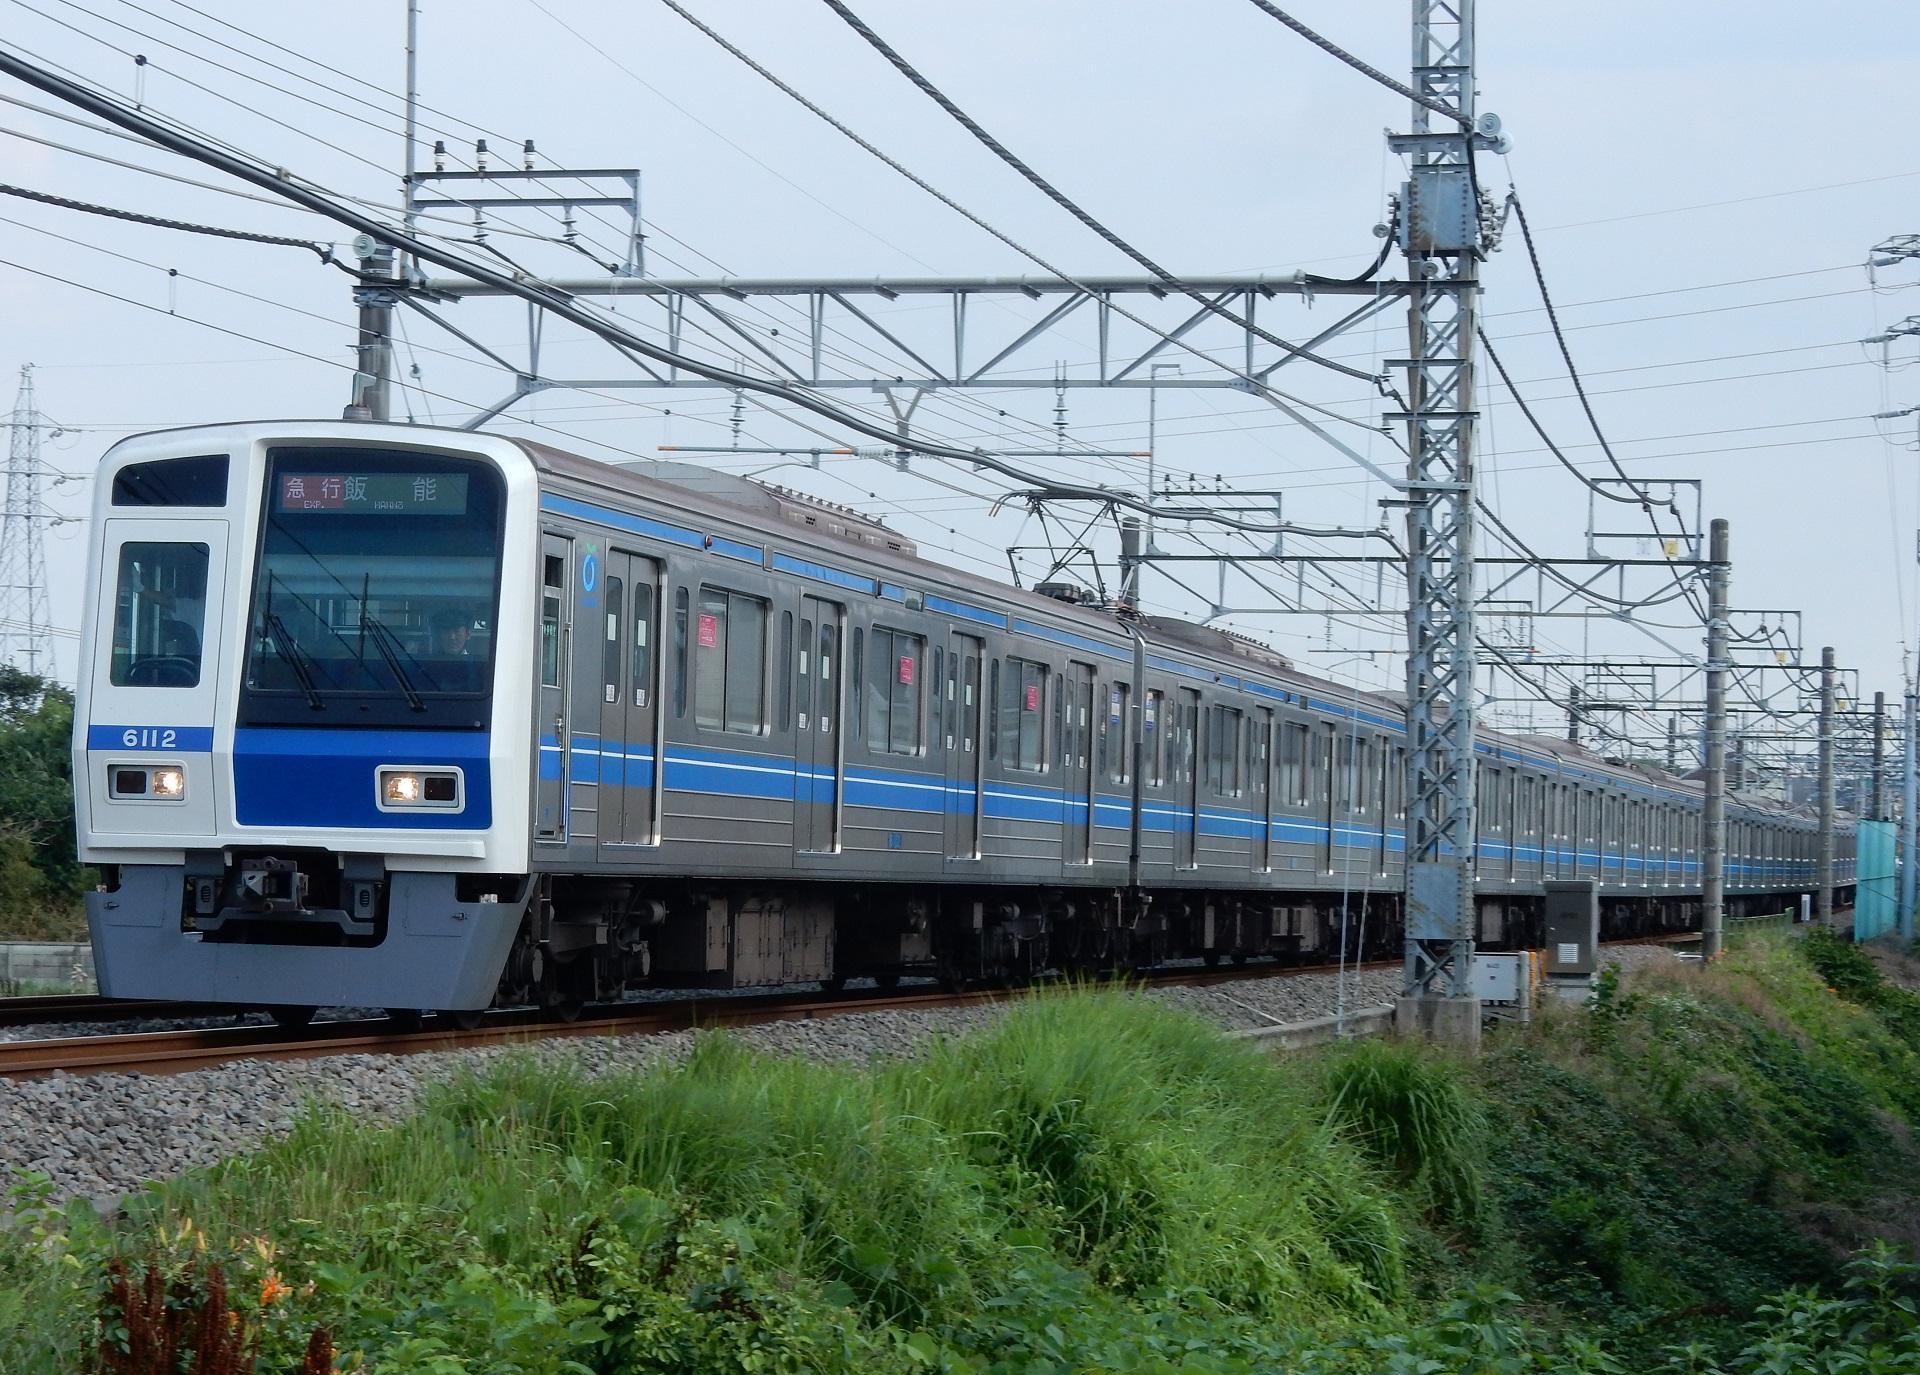 DSCN2388 - コピー